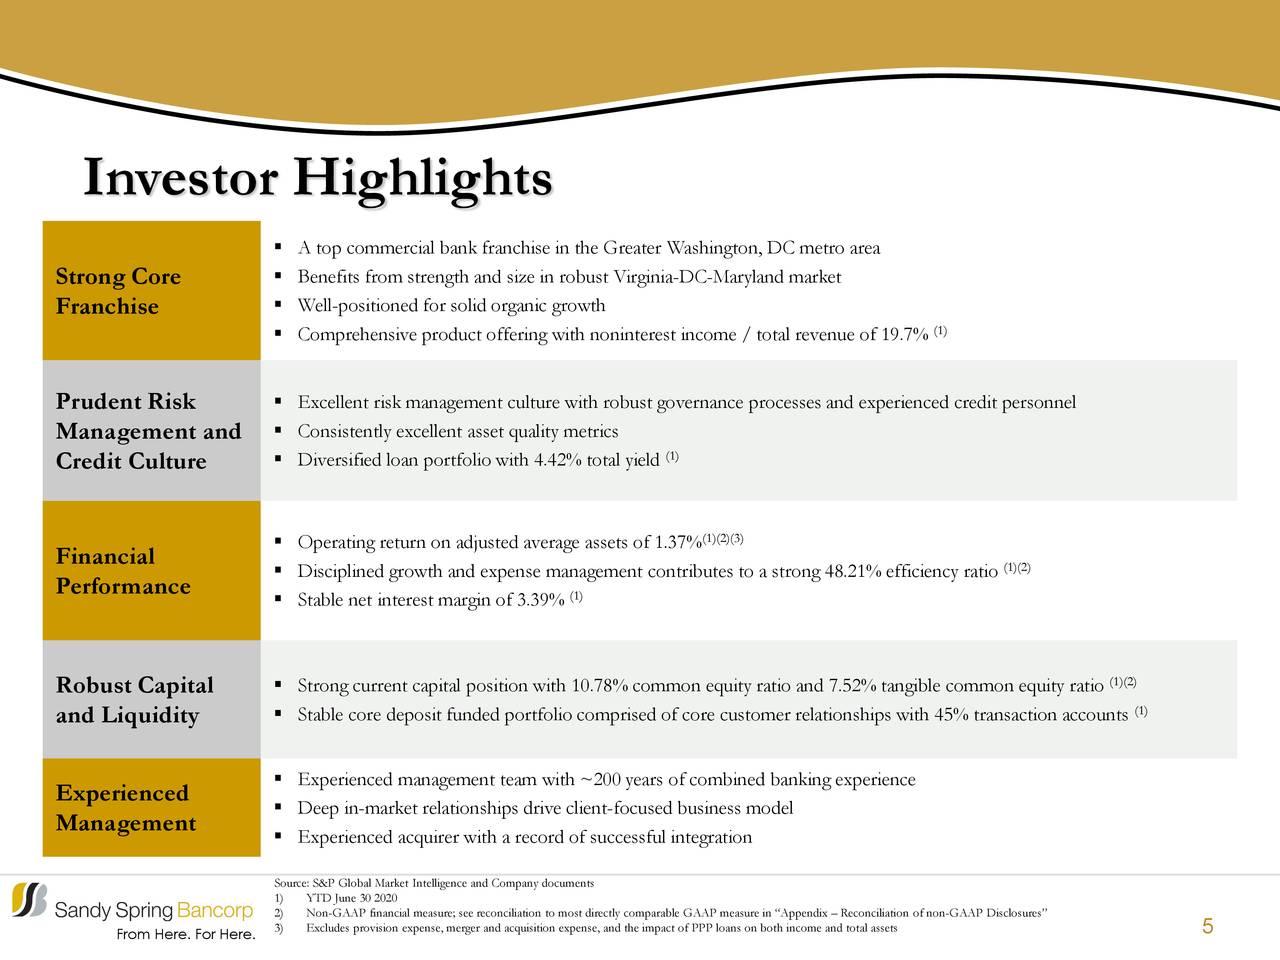 Aspectos destacados de los inversores